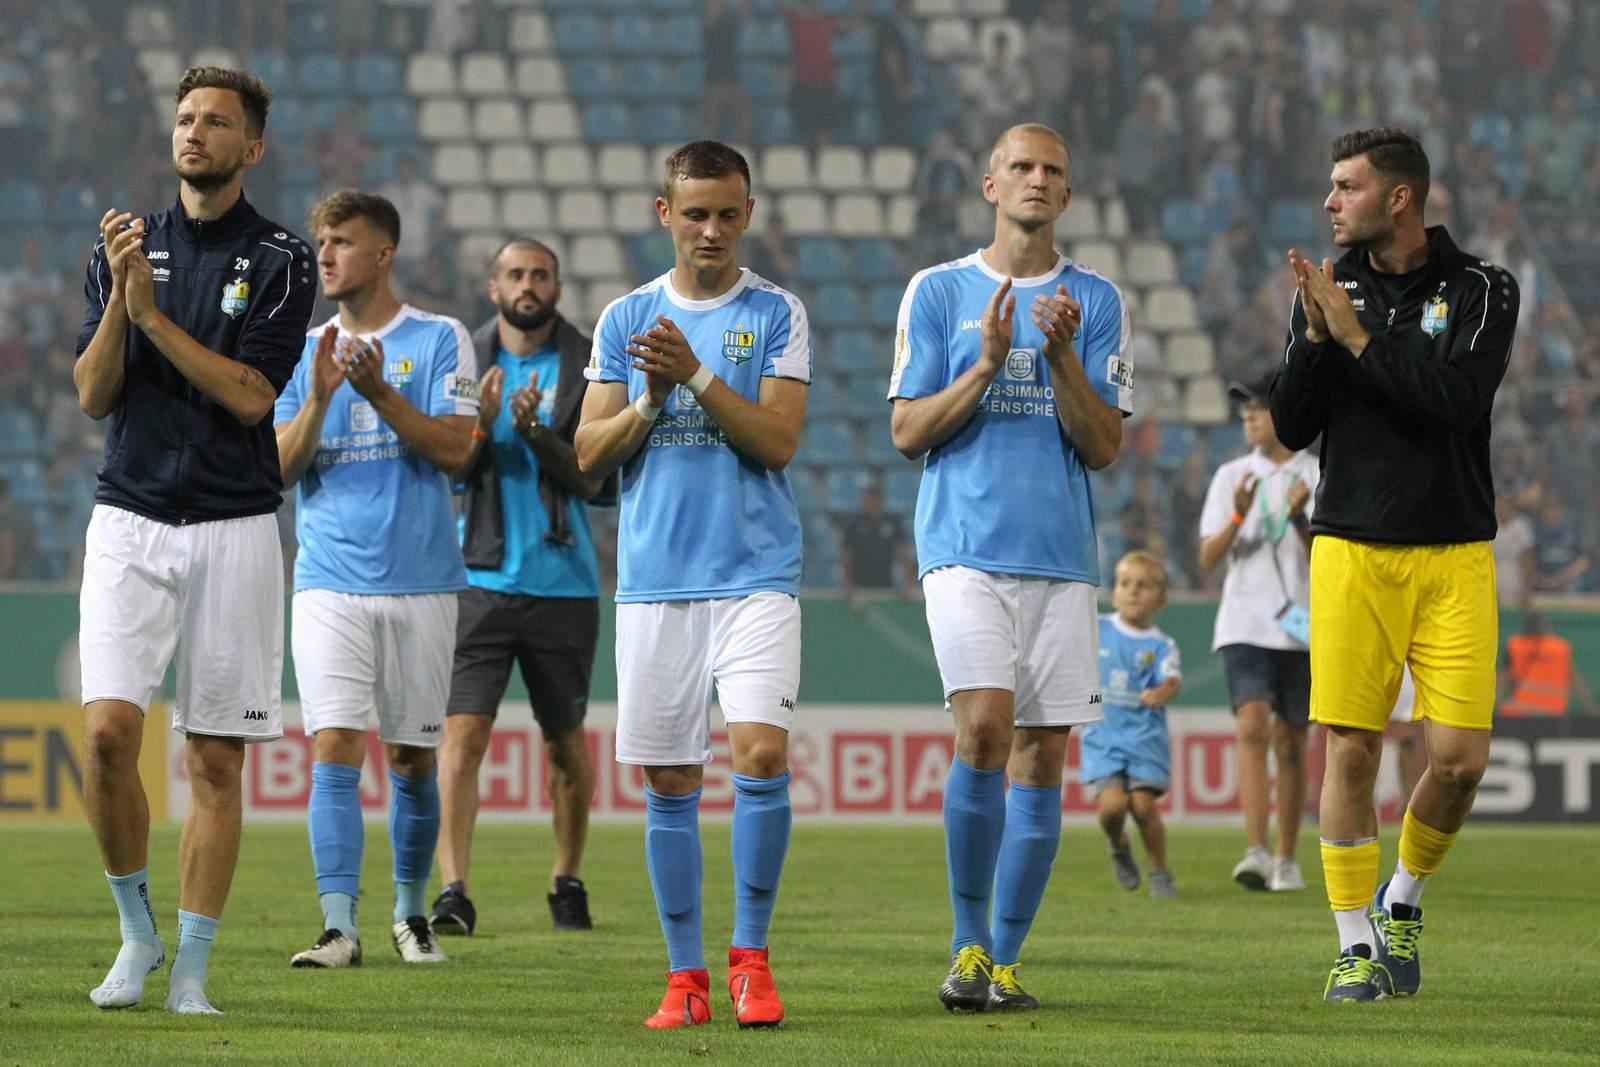 Chemnitzer FC nach dem Pokalspiel gegen den HSV